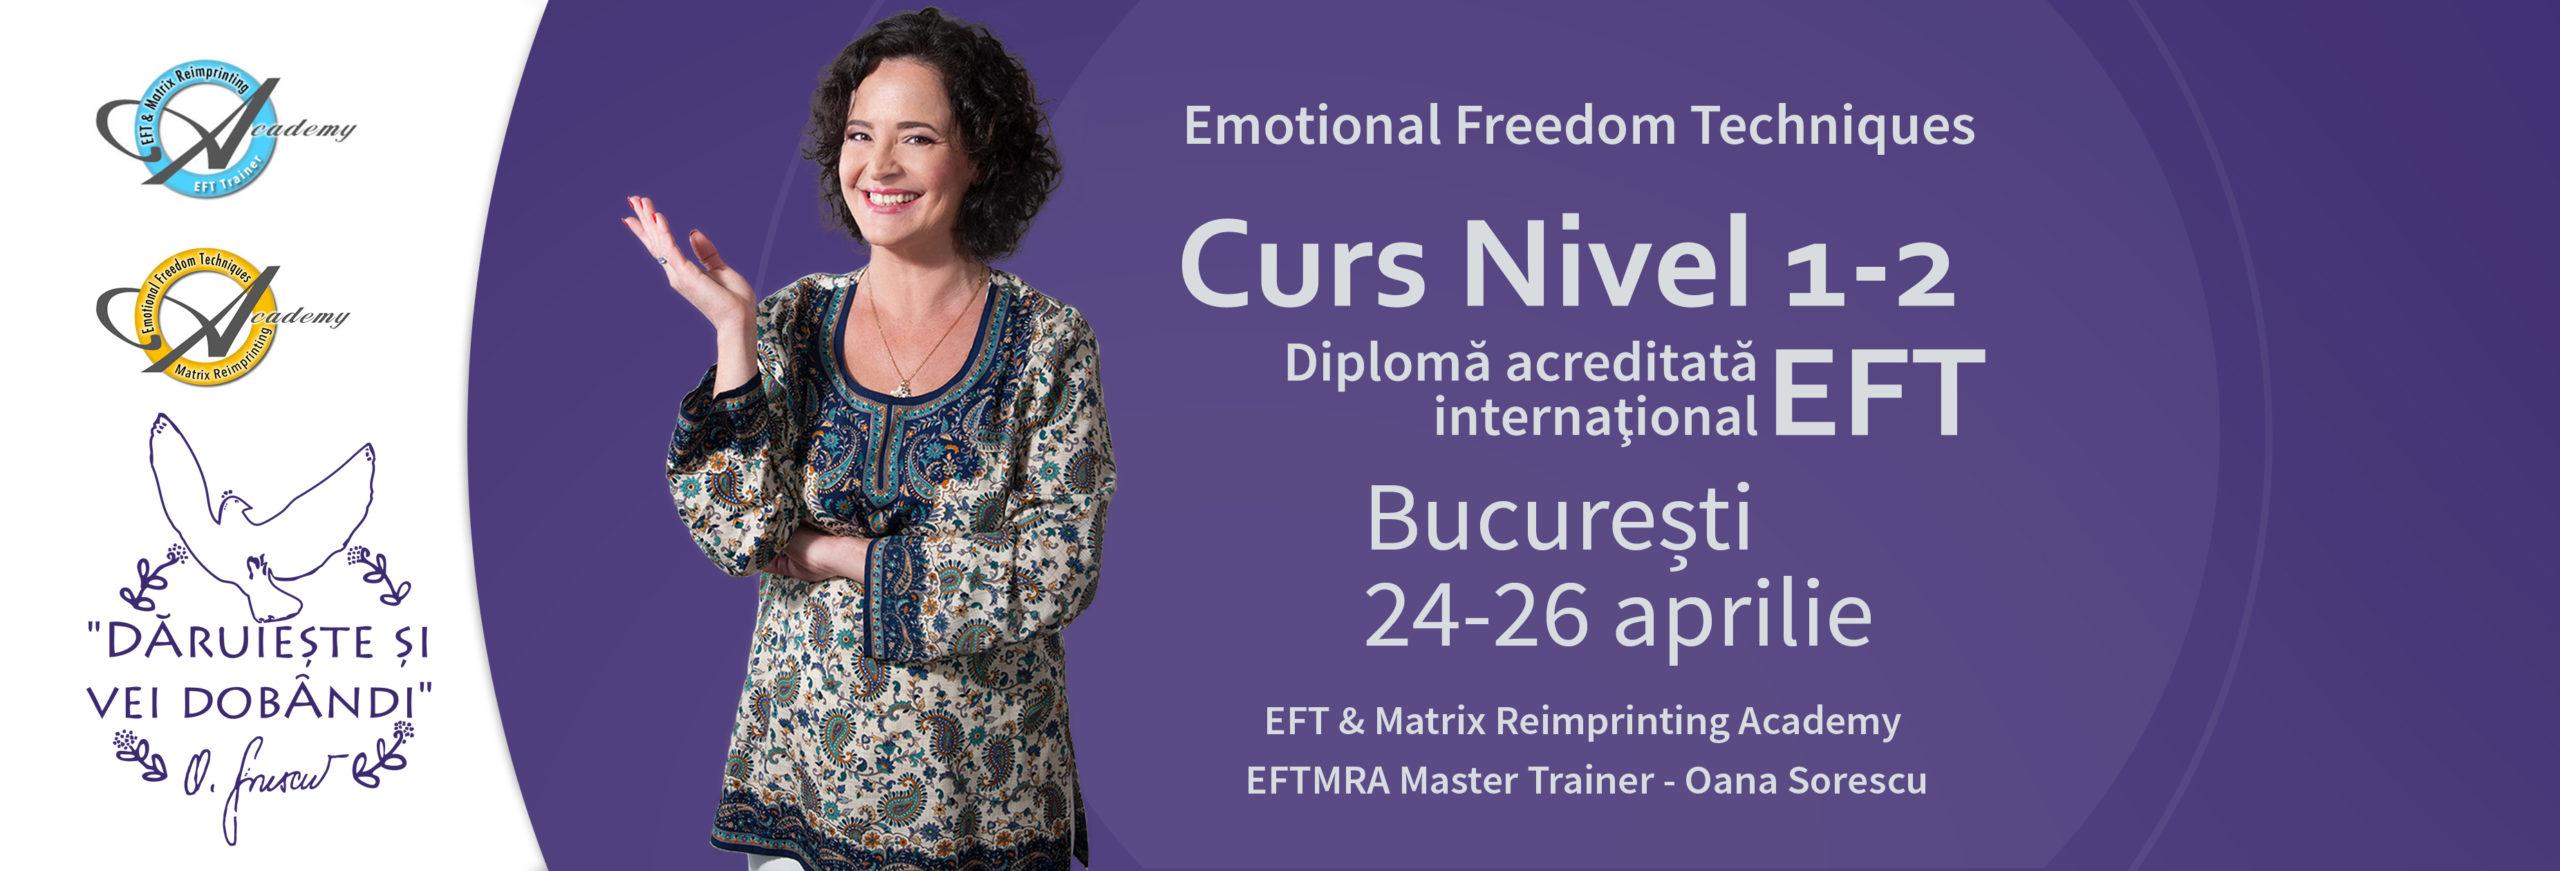 Curs EFT Bucuresti